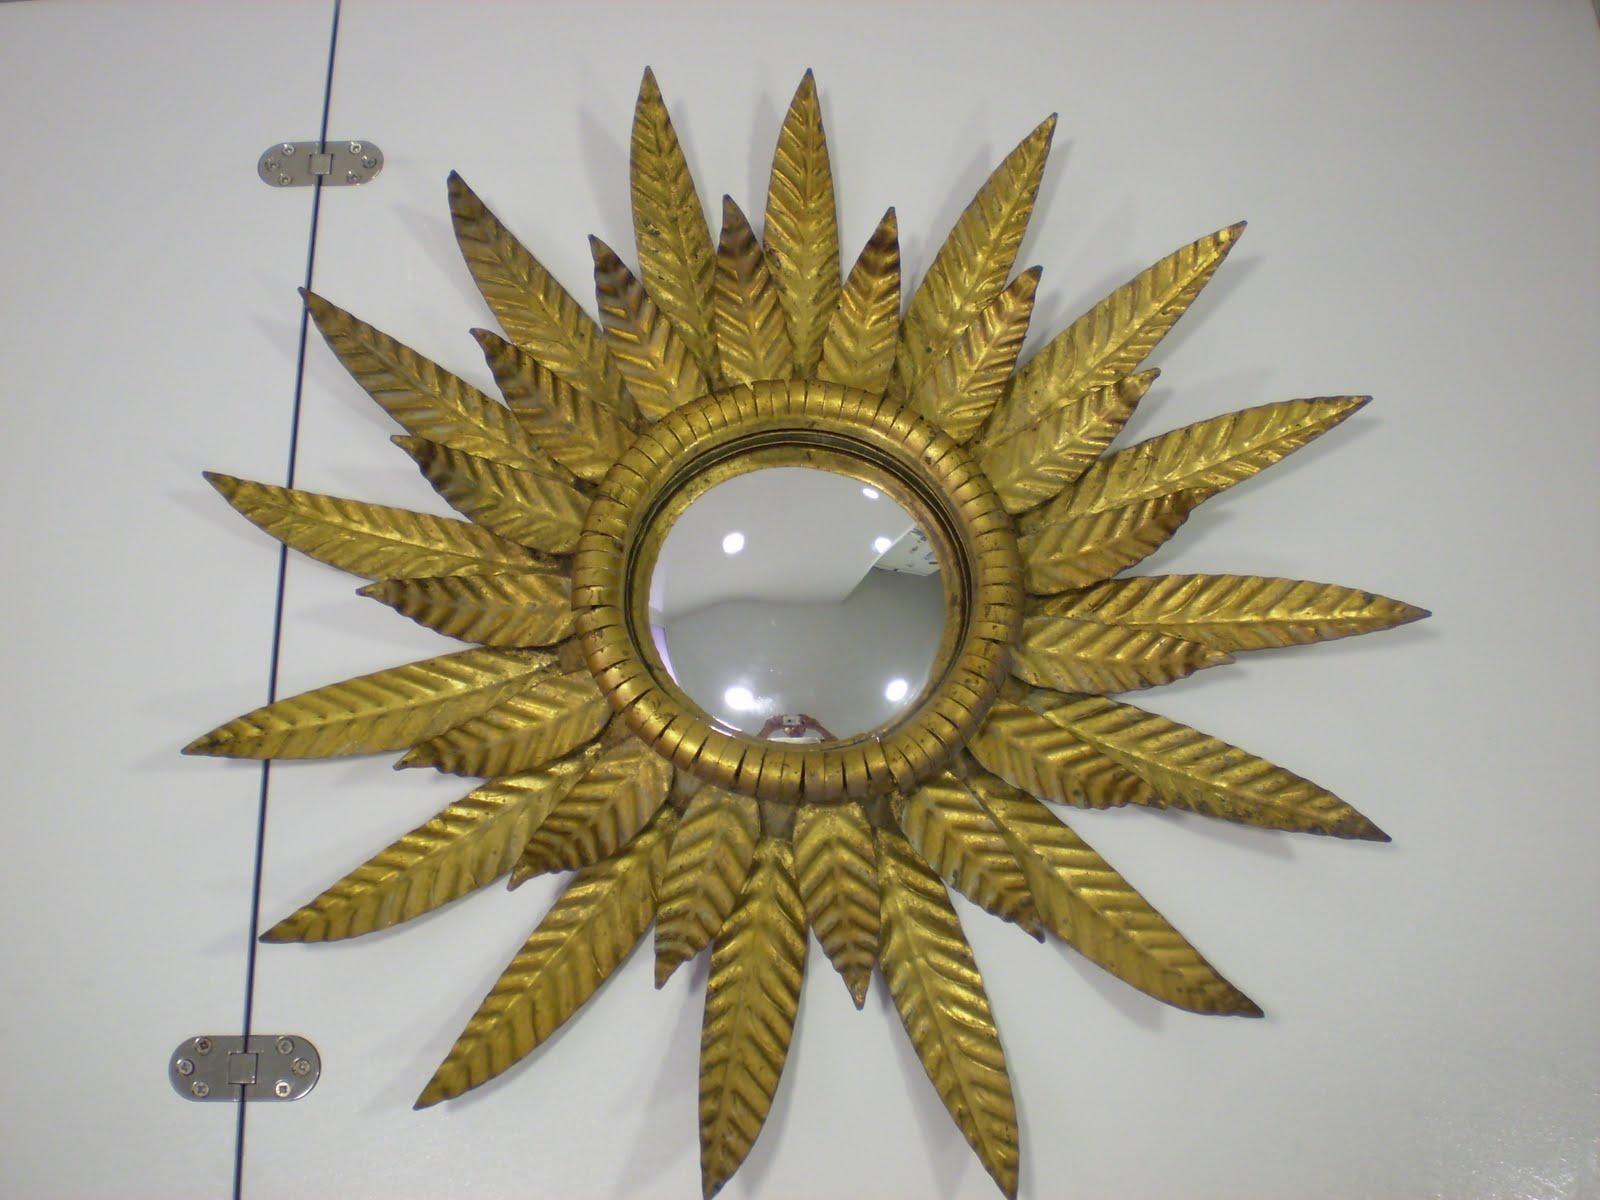 Vintagera Espejo ojo de bruja Oeil de Sorcire en forma de sol